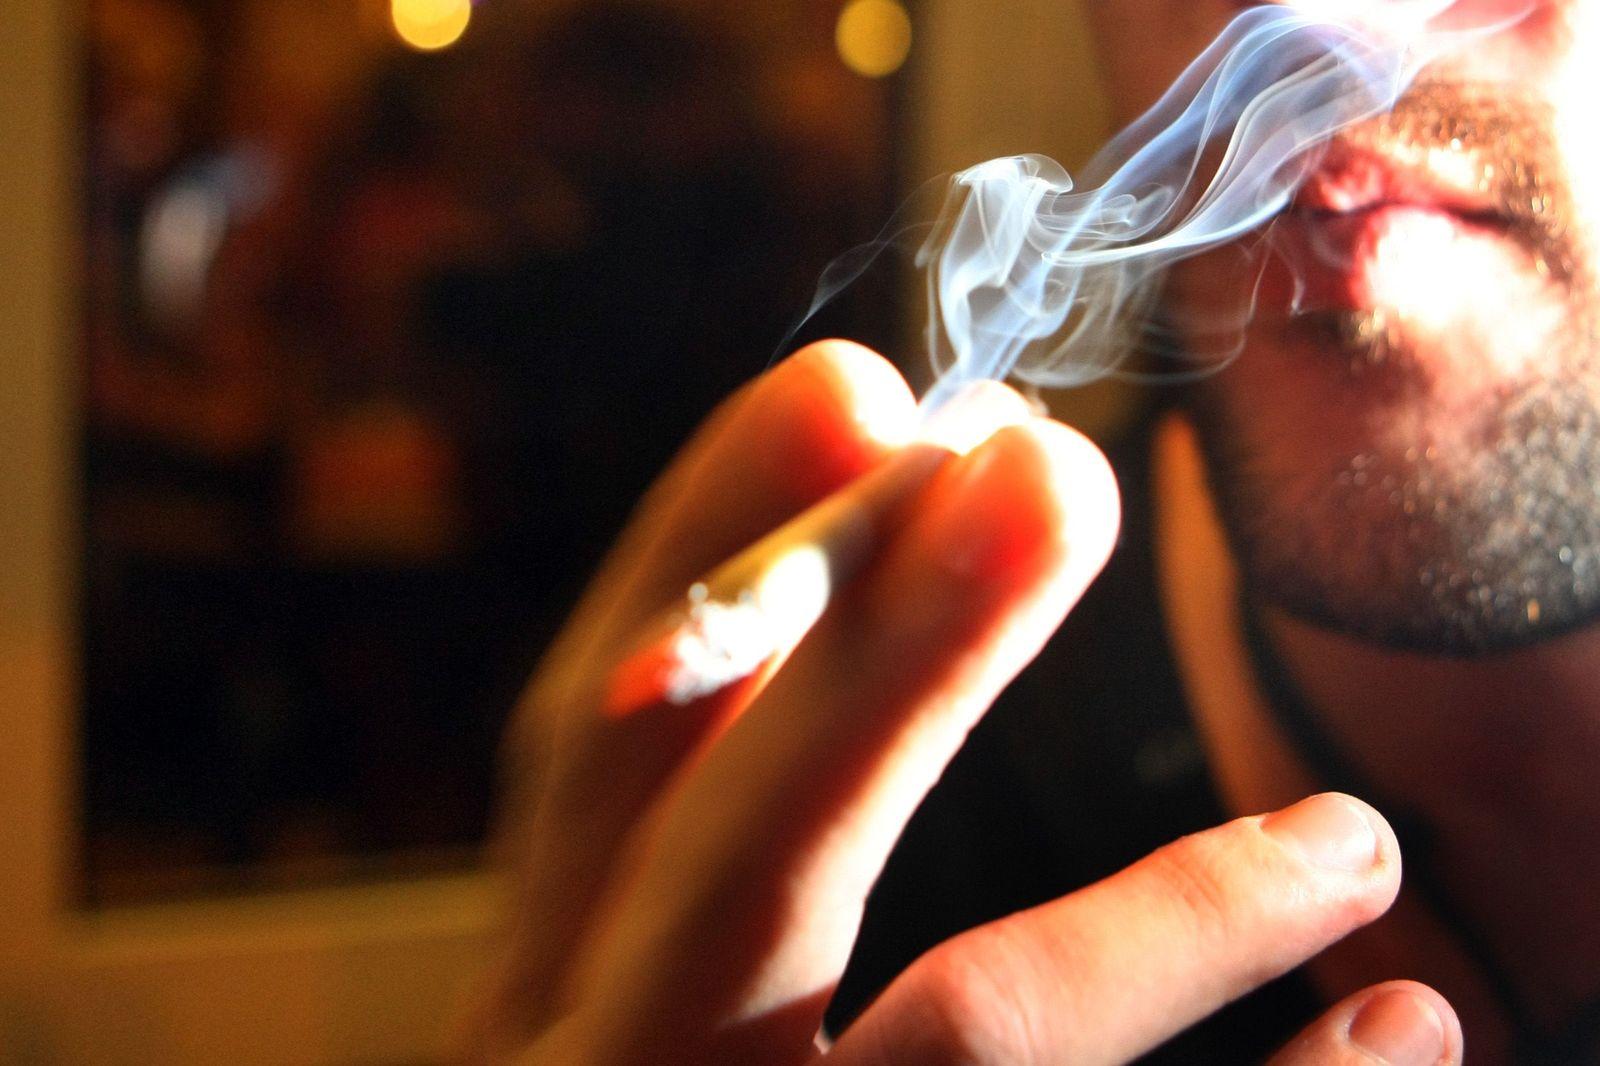 Symbolbild Rauchen / Nichtrauchen